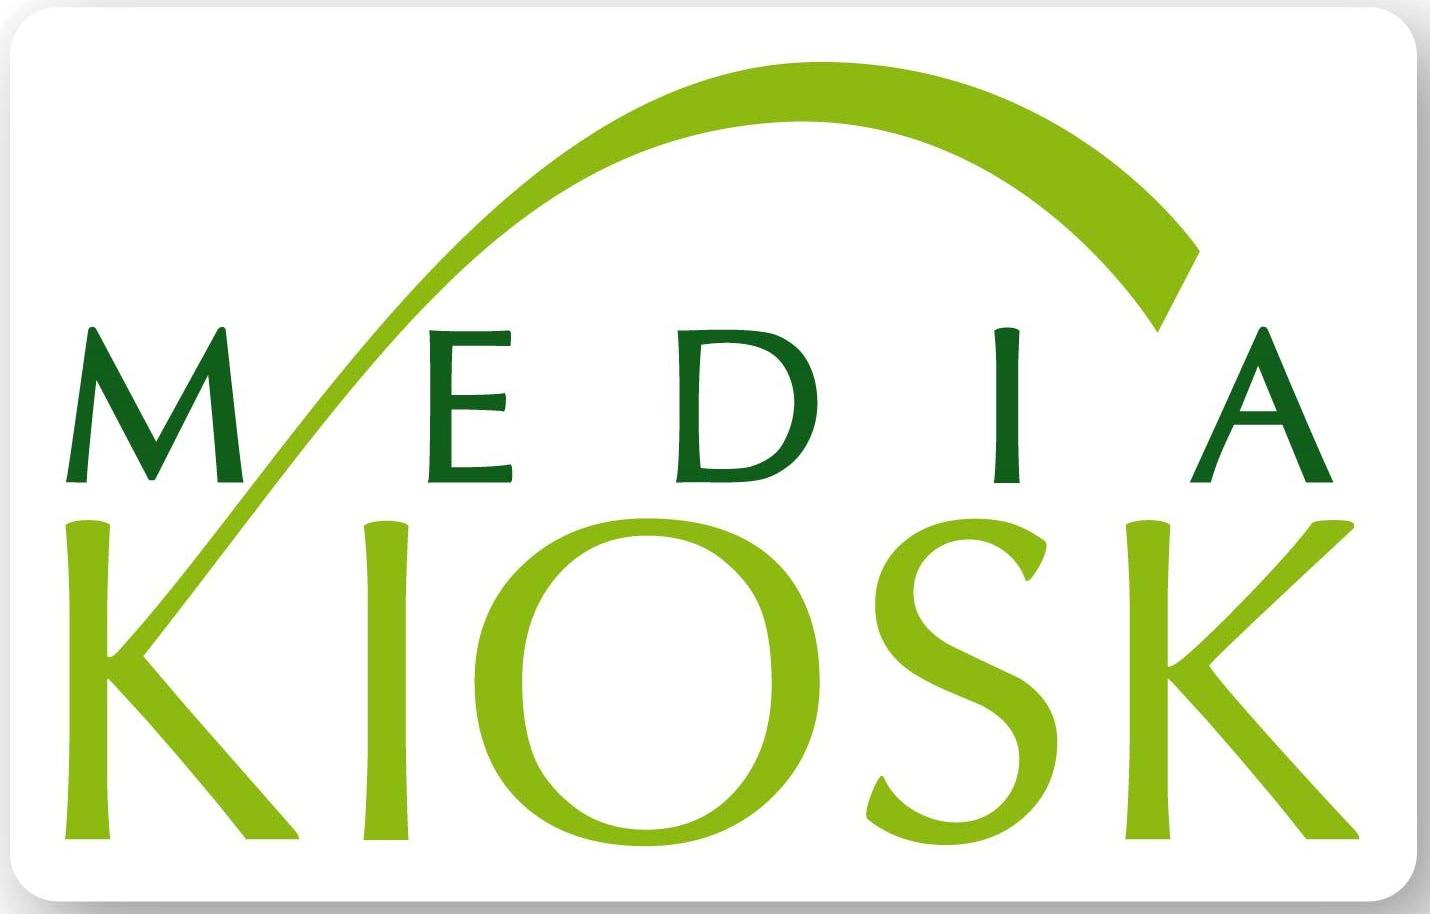 Mediakiosk